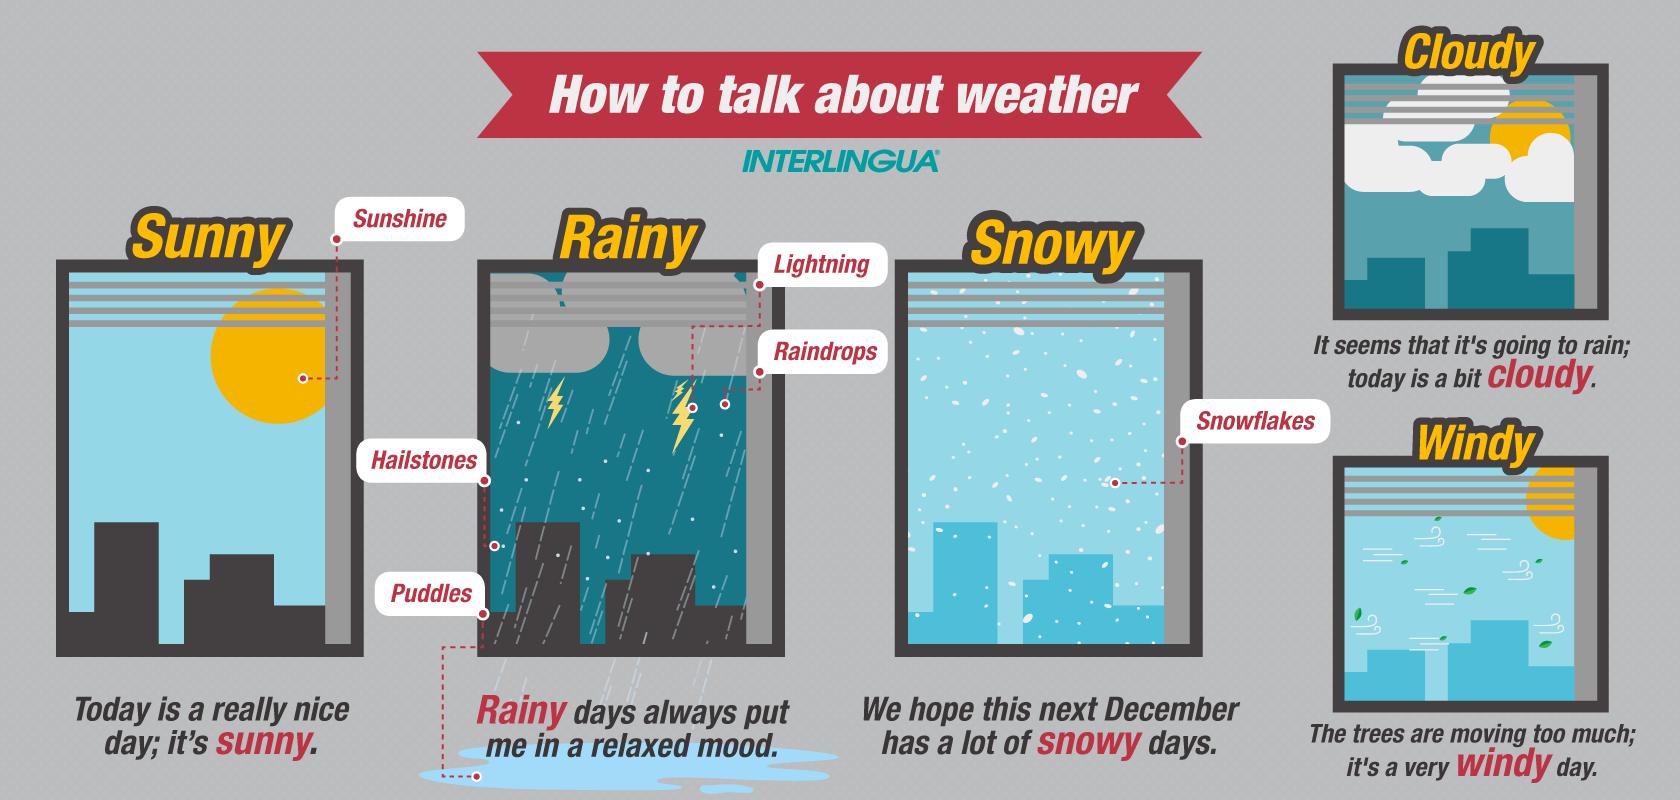 ¿Nublado, soleado o lluvioso? Te presentamos las diferentes formas de cómo expresar el clima. How to talk about weather.